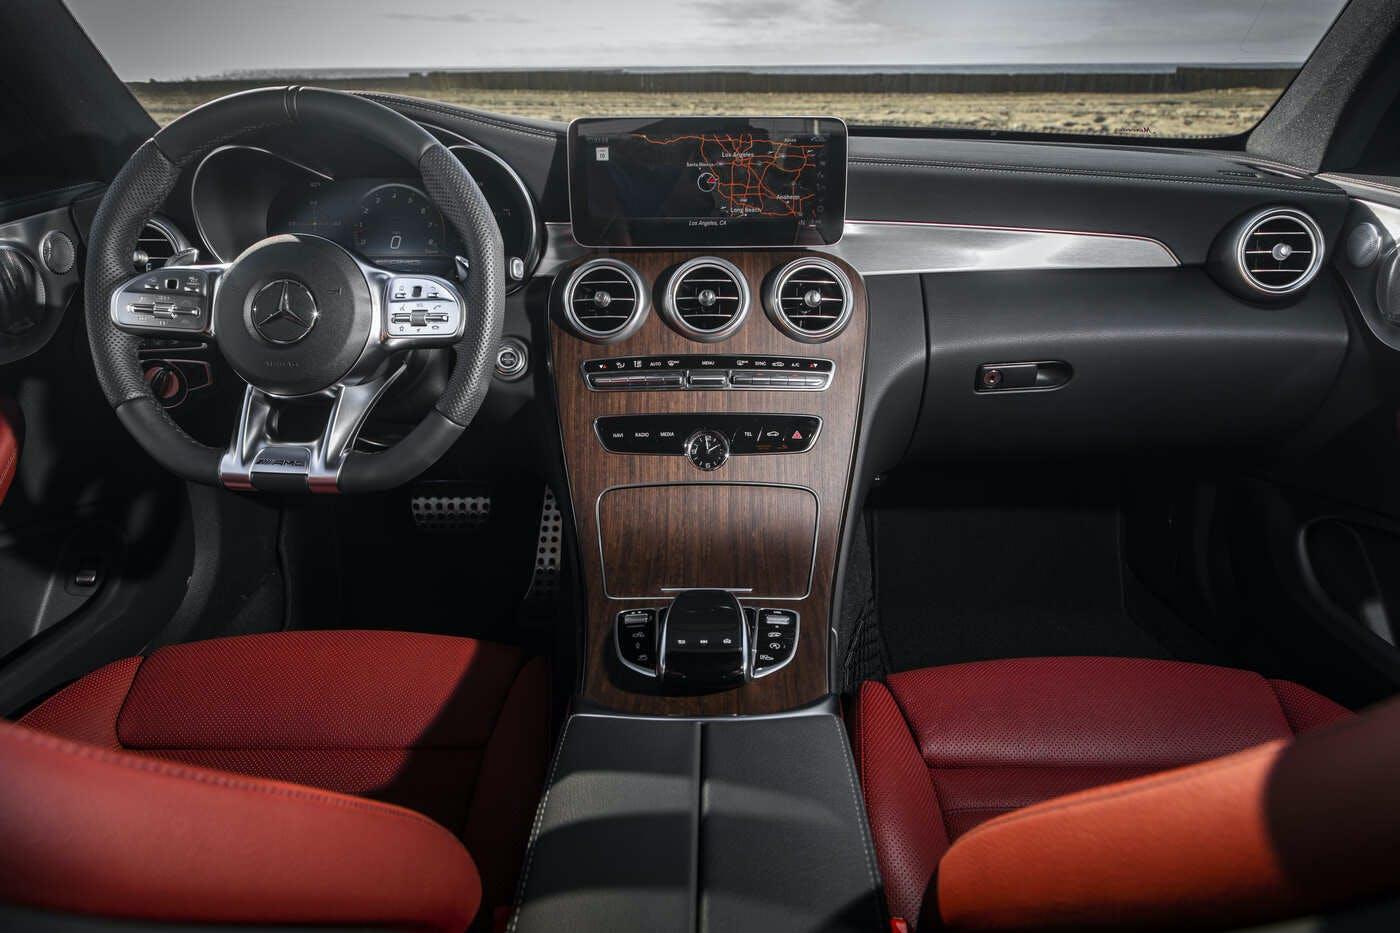 Mercedes-Benz OEM Carpeted Floor Mats 2015 to 2020 C-Class 4 Door Sedan W205